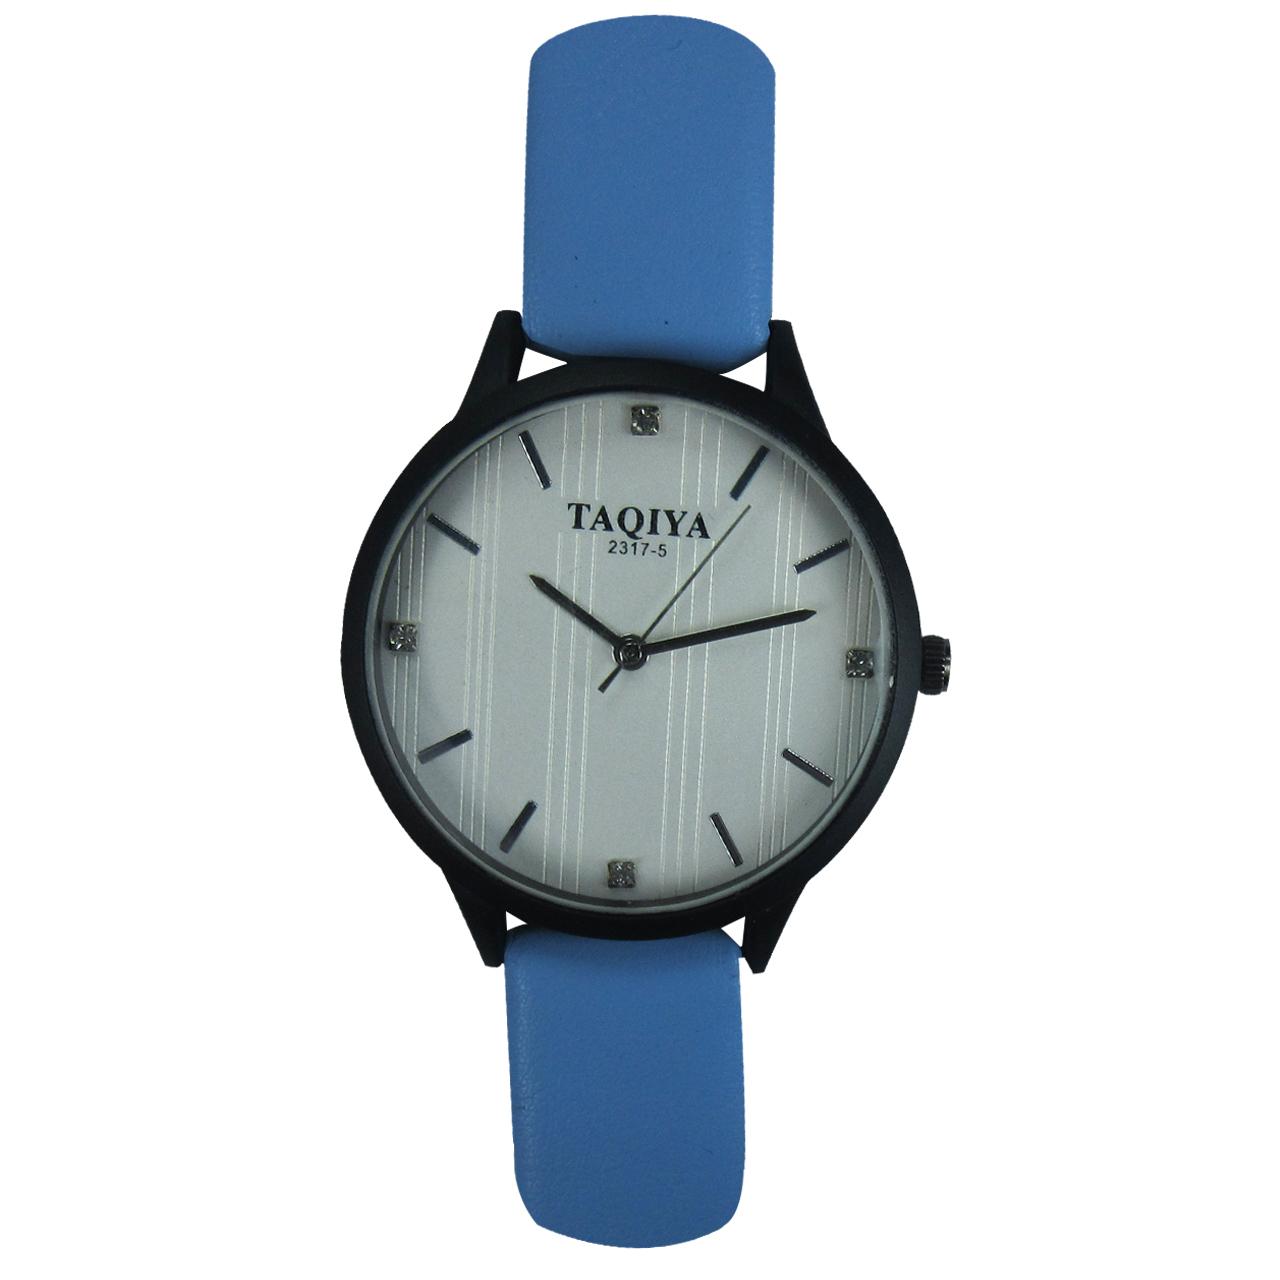 ساعت مچی عقربه ای تاکیا مدل BWP رنگ آبی